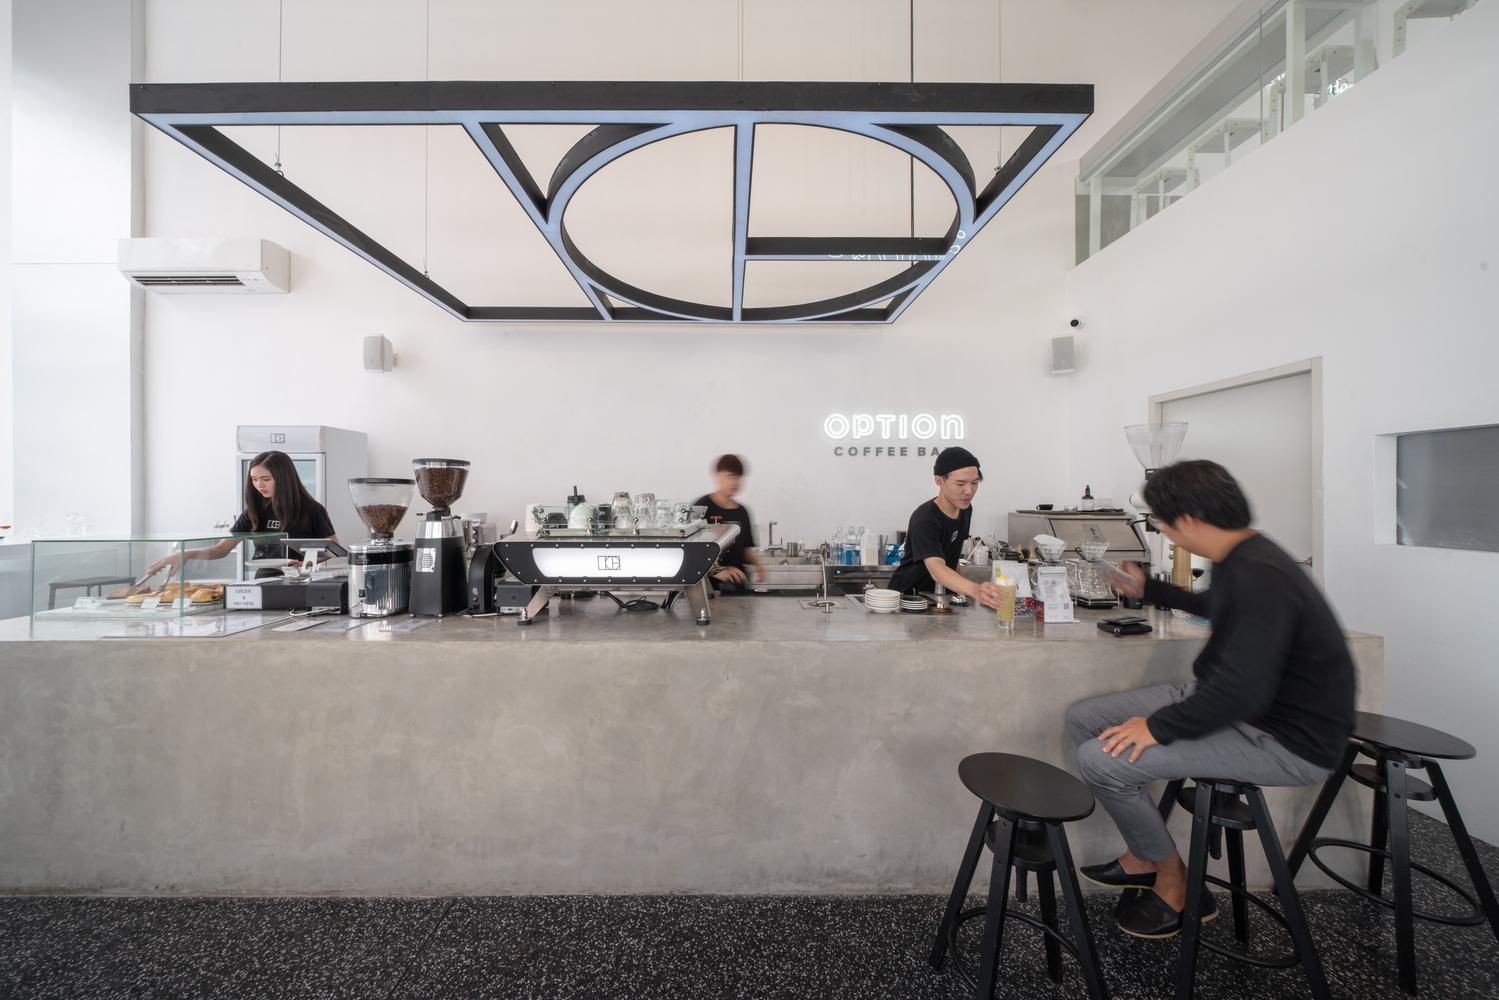 thiết kế quán cafe tối giản tone trắng